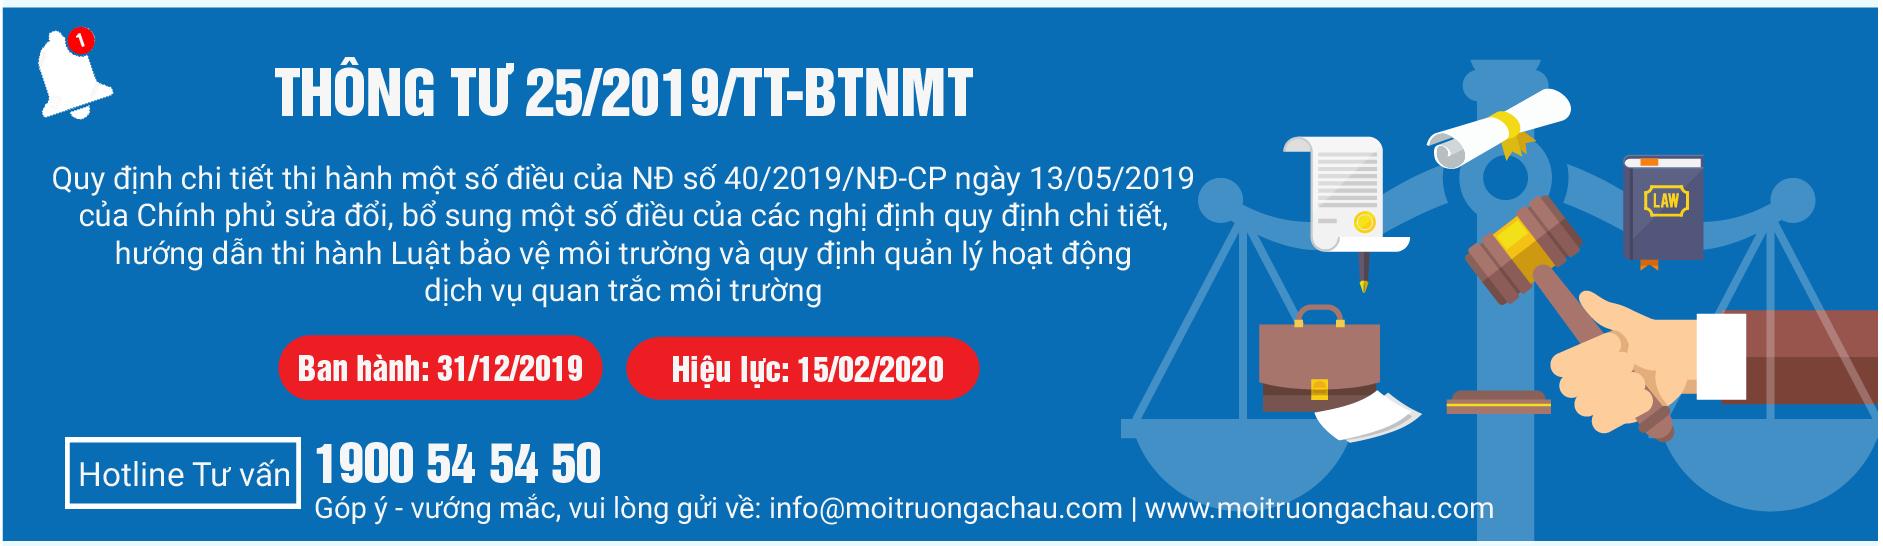 TT_25_2019_-_HUONG_DAN_NGHI_DINH_40